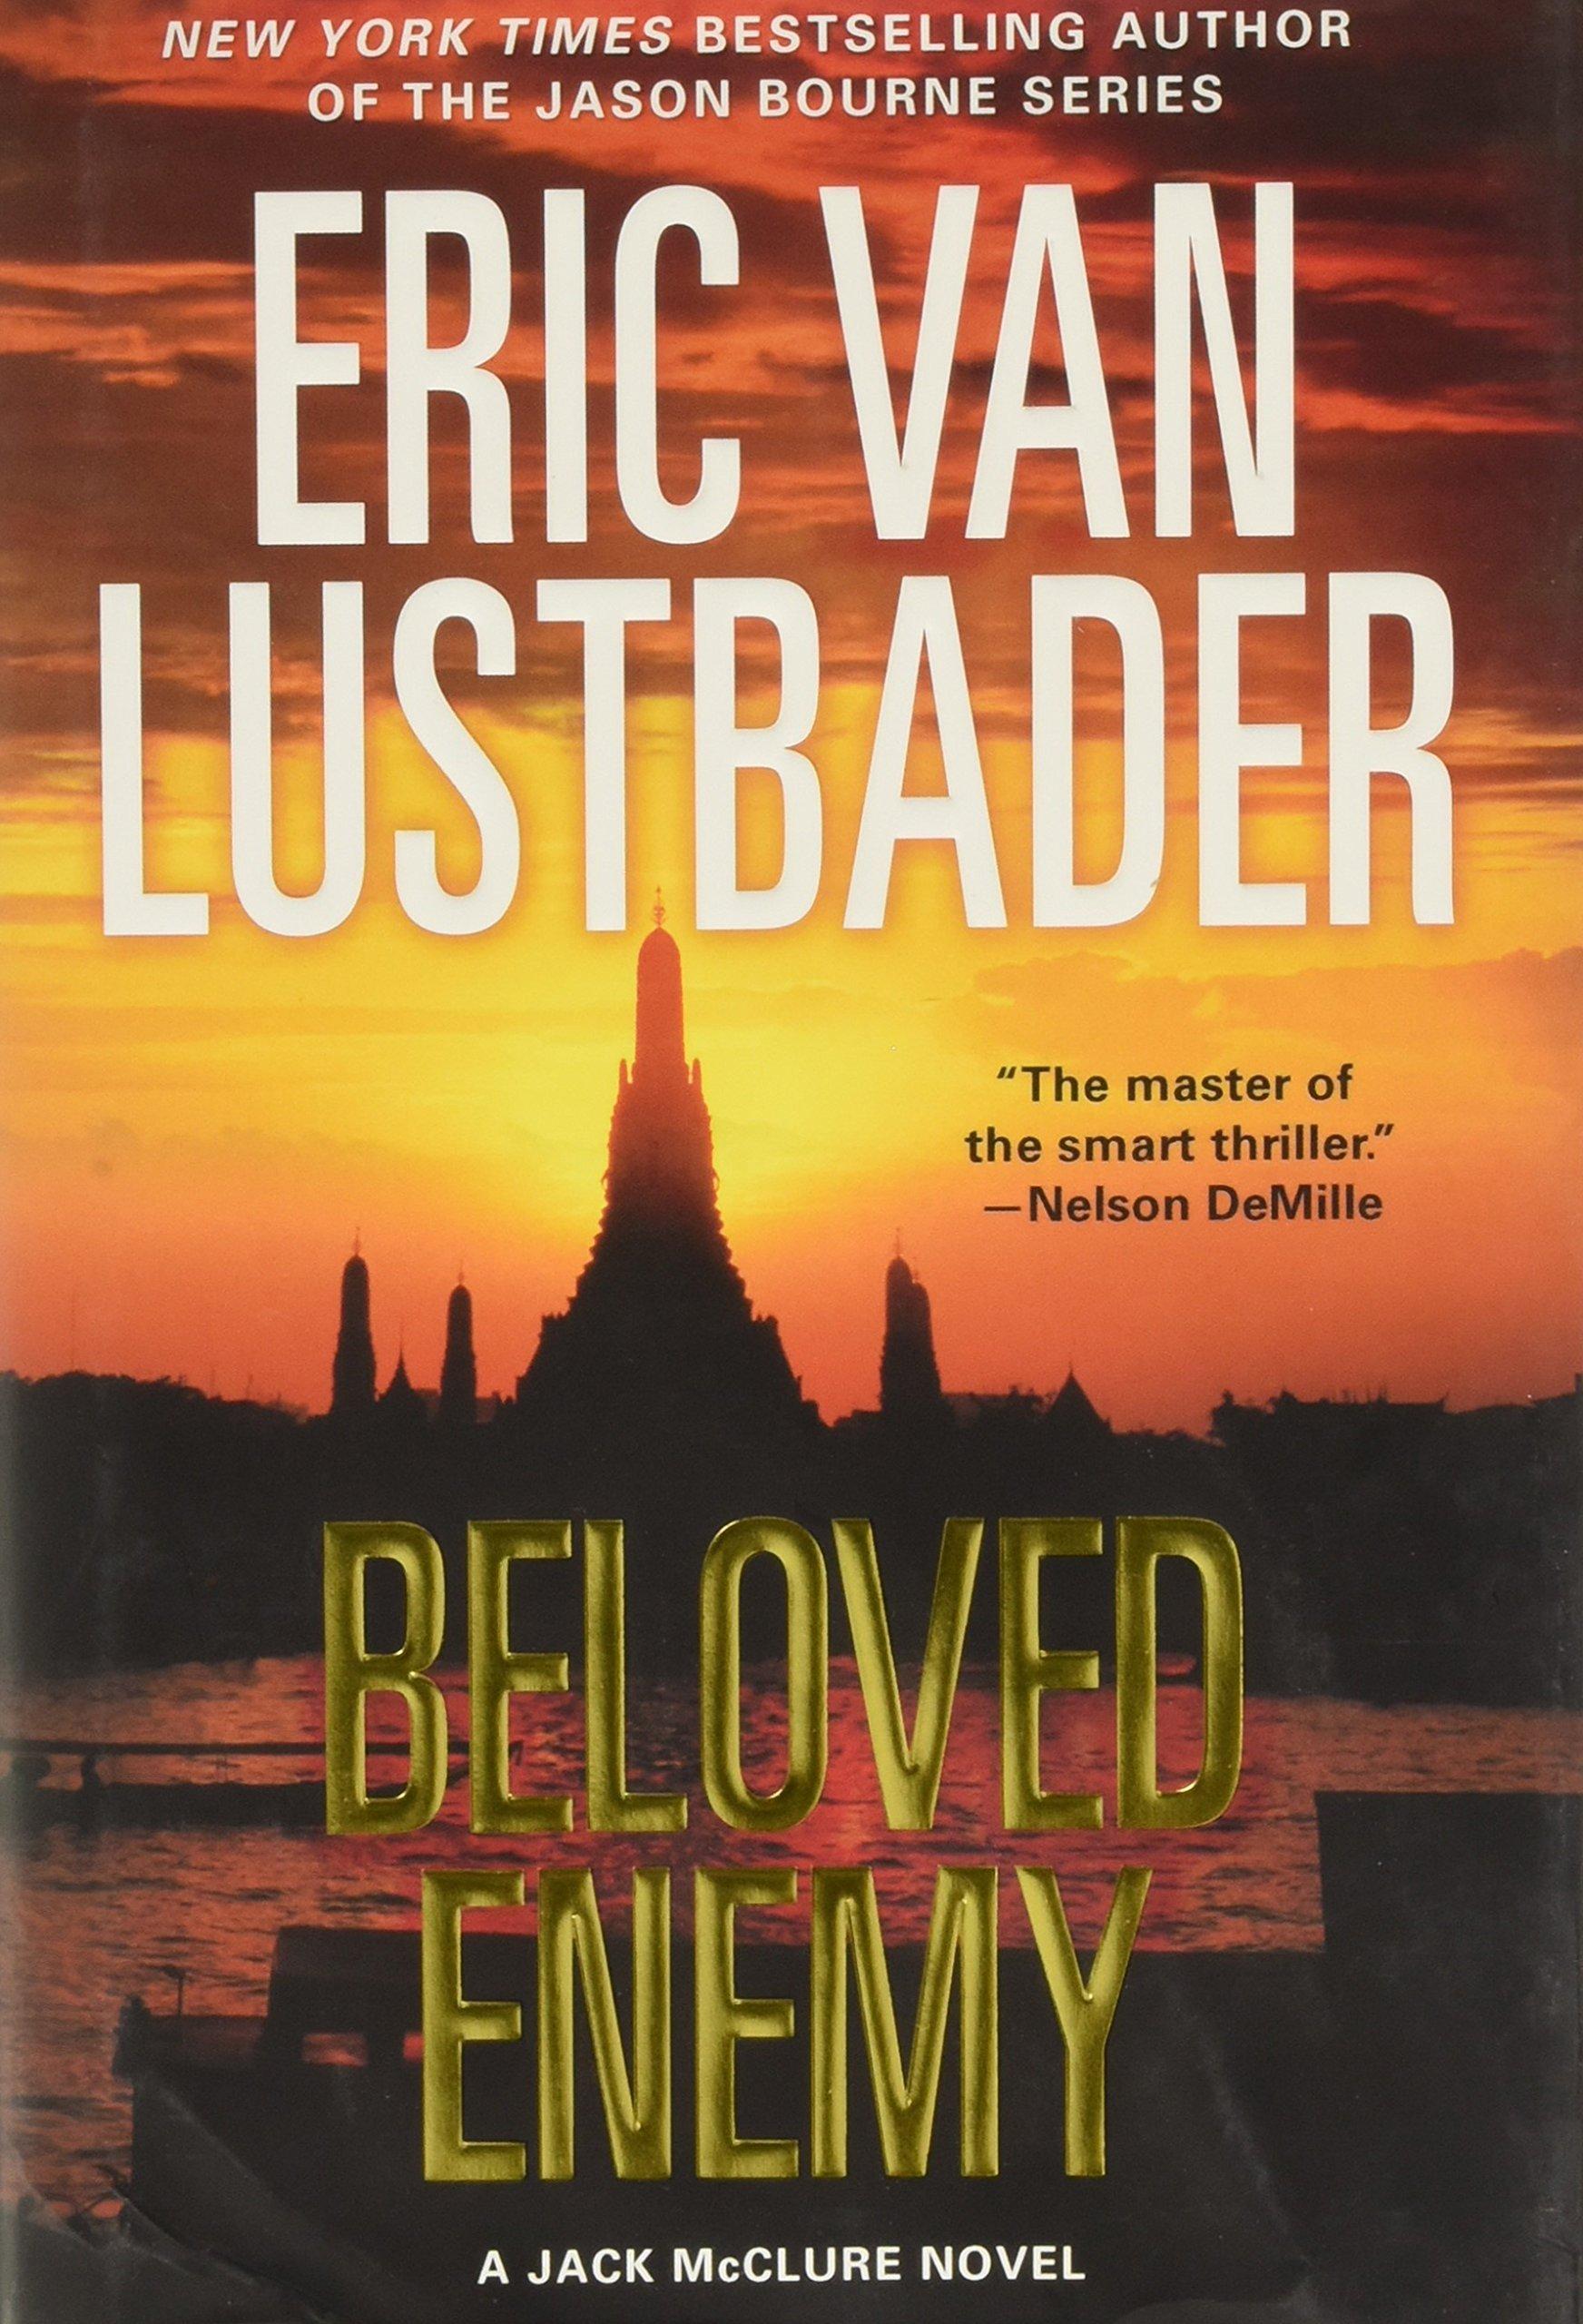 Download Beloved Enemy: A Jack McClure Novel (Jack McClure/Alli Carson Novels) pdf